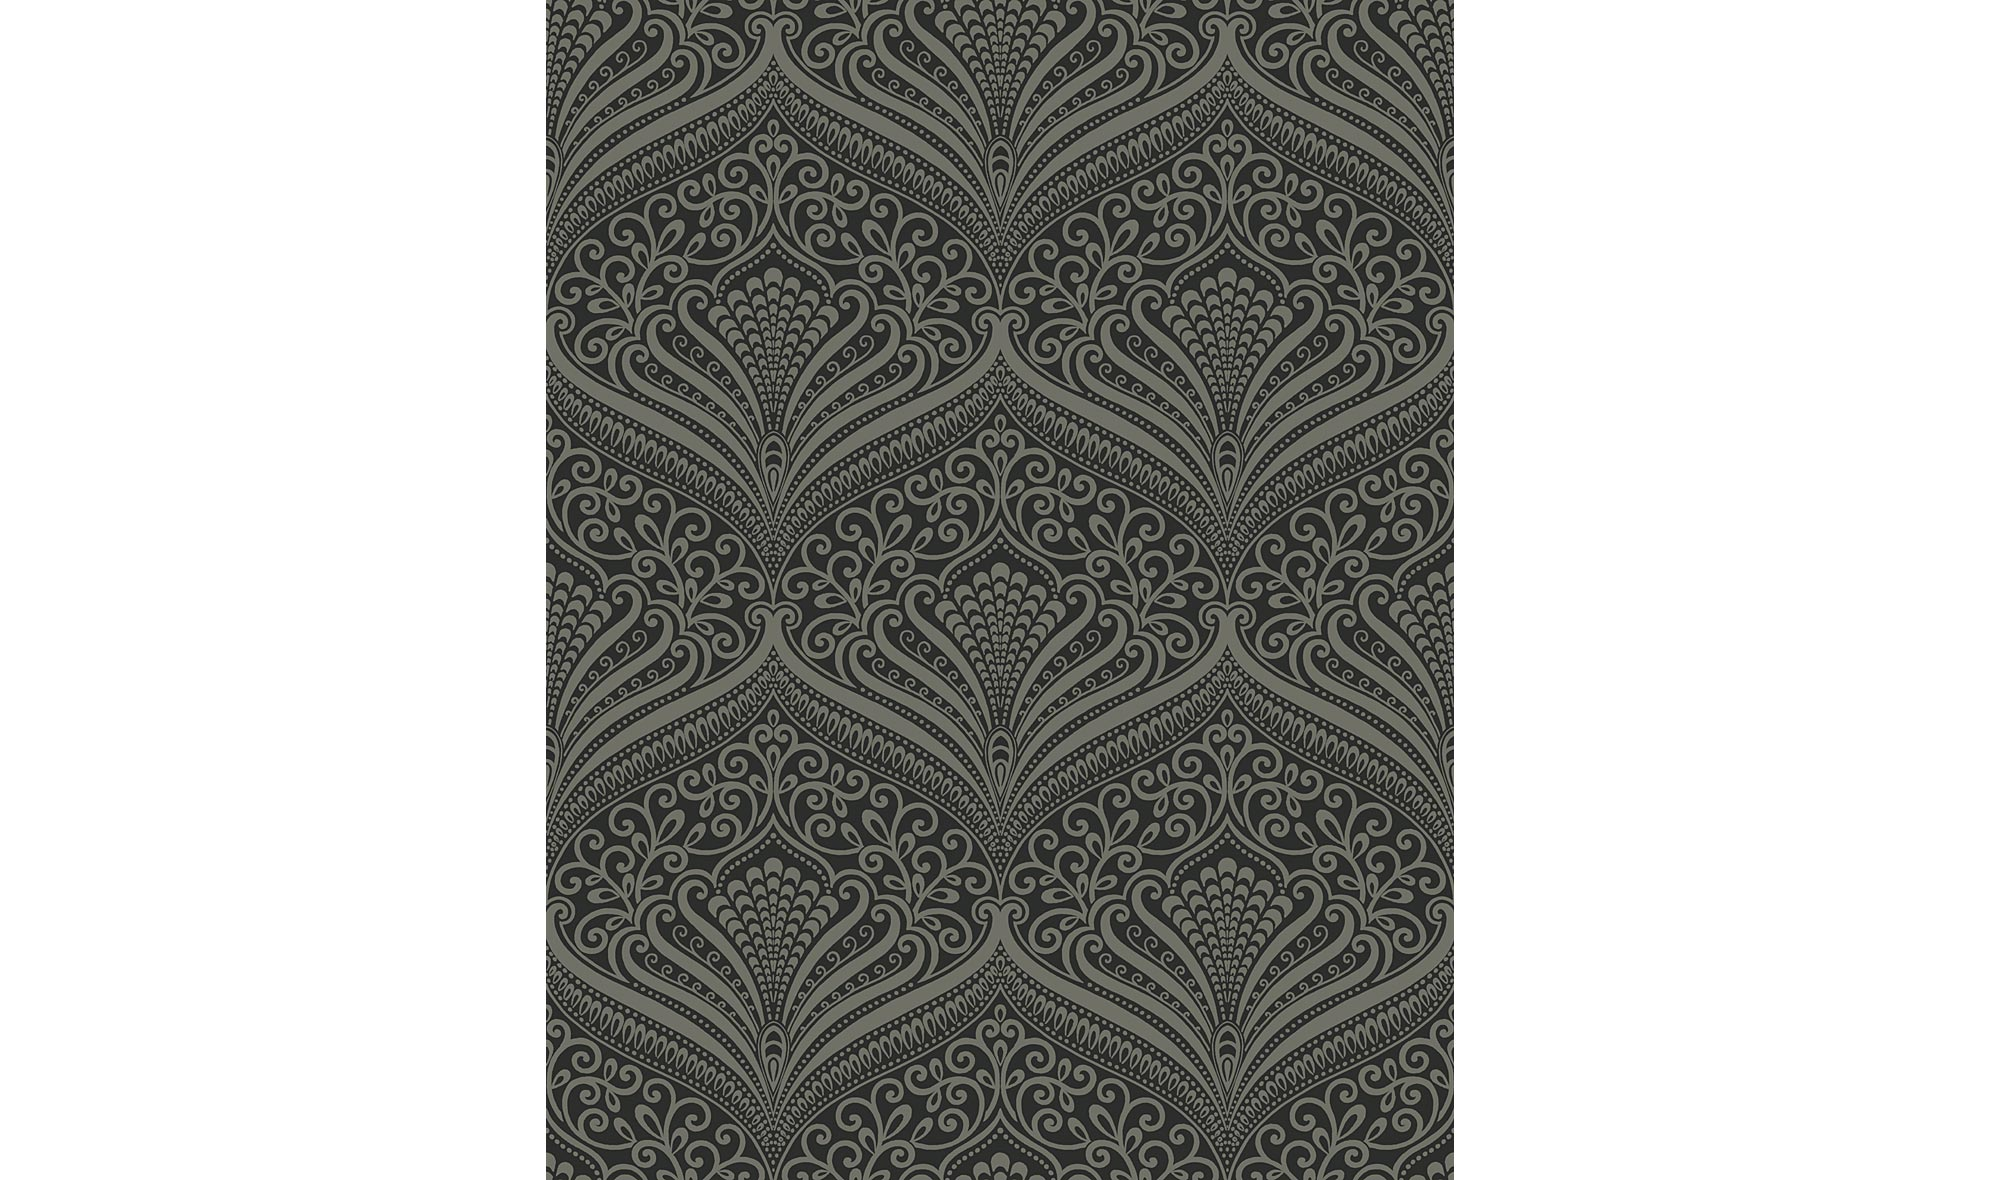 Rollo de papel pintado geom trico oscuro en - Papel pintado en muebles ...